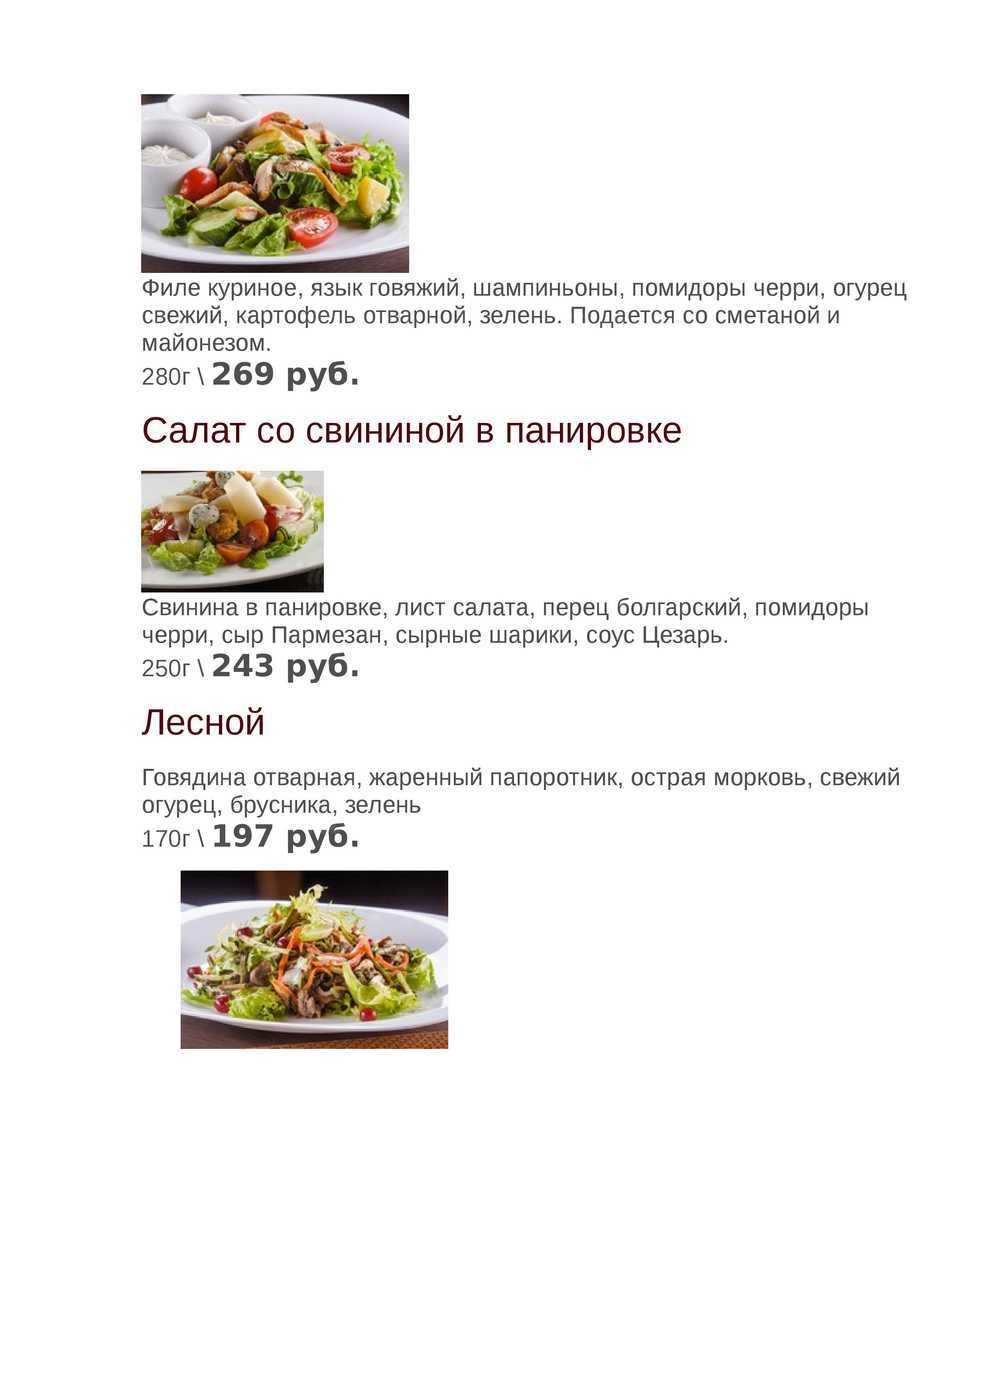 Меню кафе Ермак на проспекте имени газеты Красноярский Рабочий фото 11